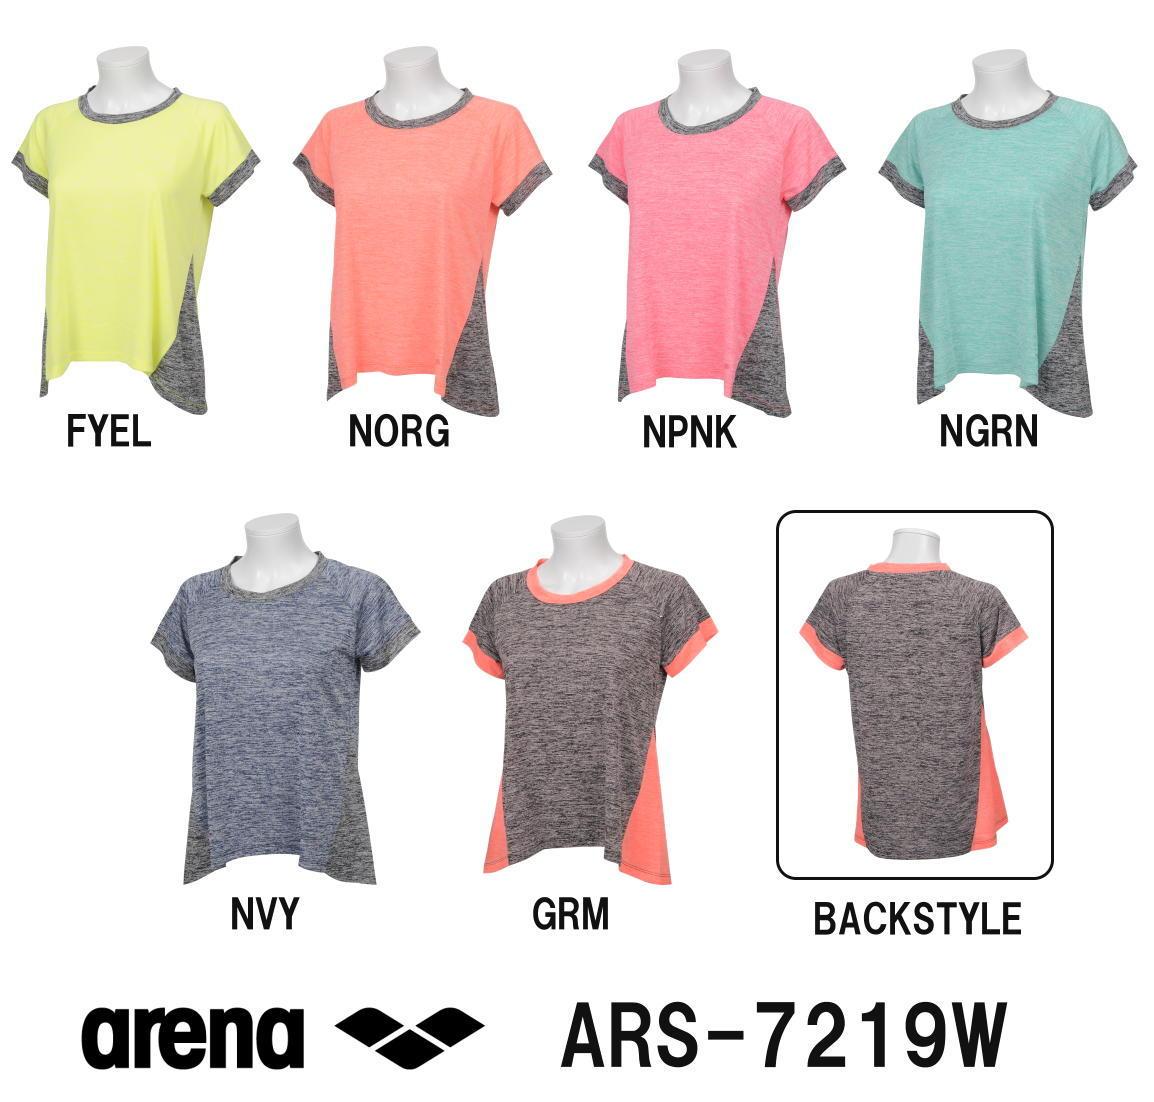 ARENA アリーナ マーブルドライニット レディースビッグシルエットTシャツ ARS-7219W-HK